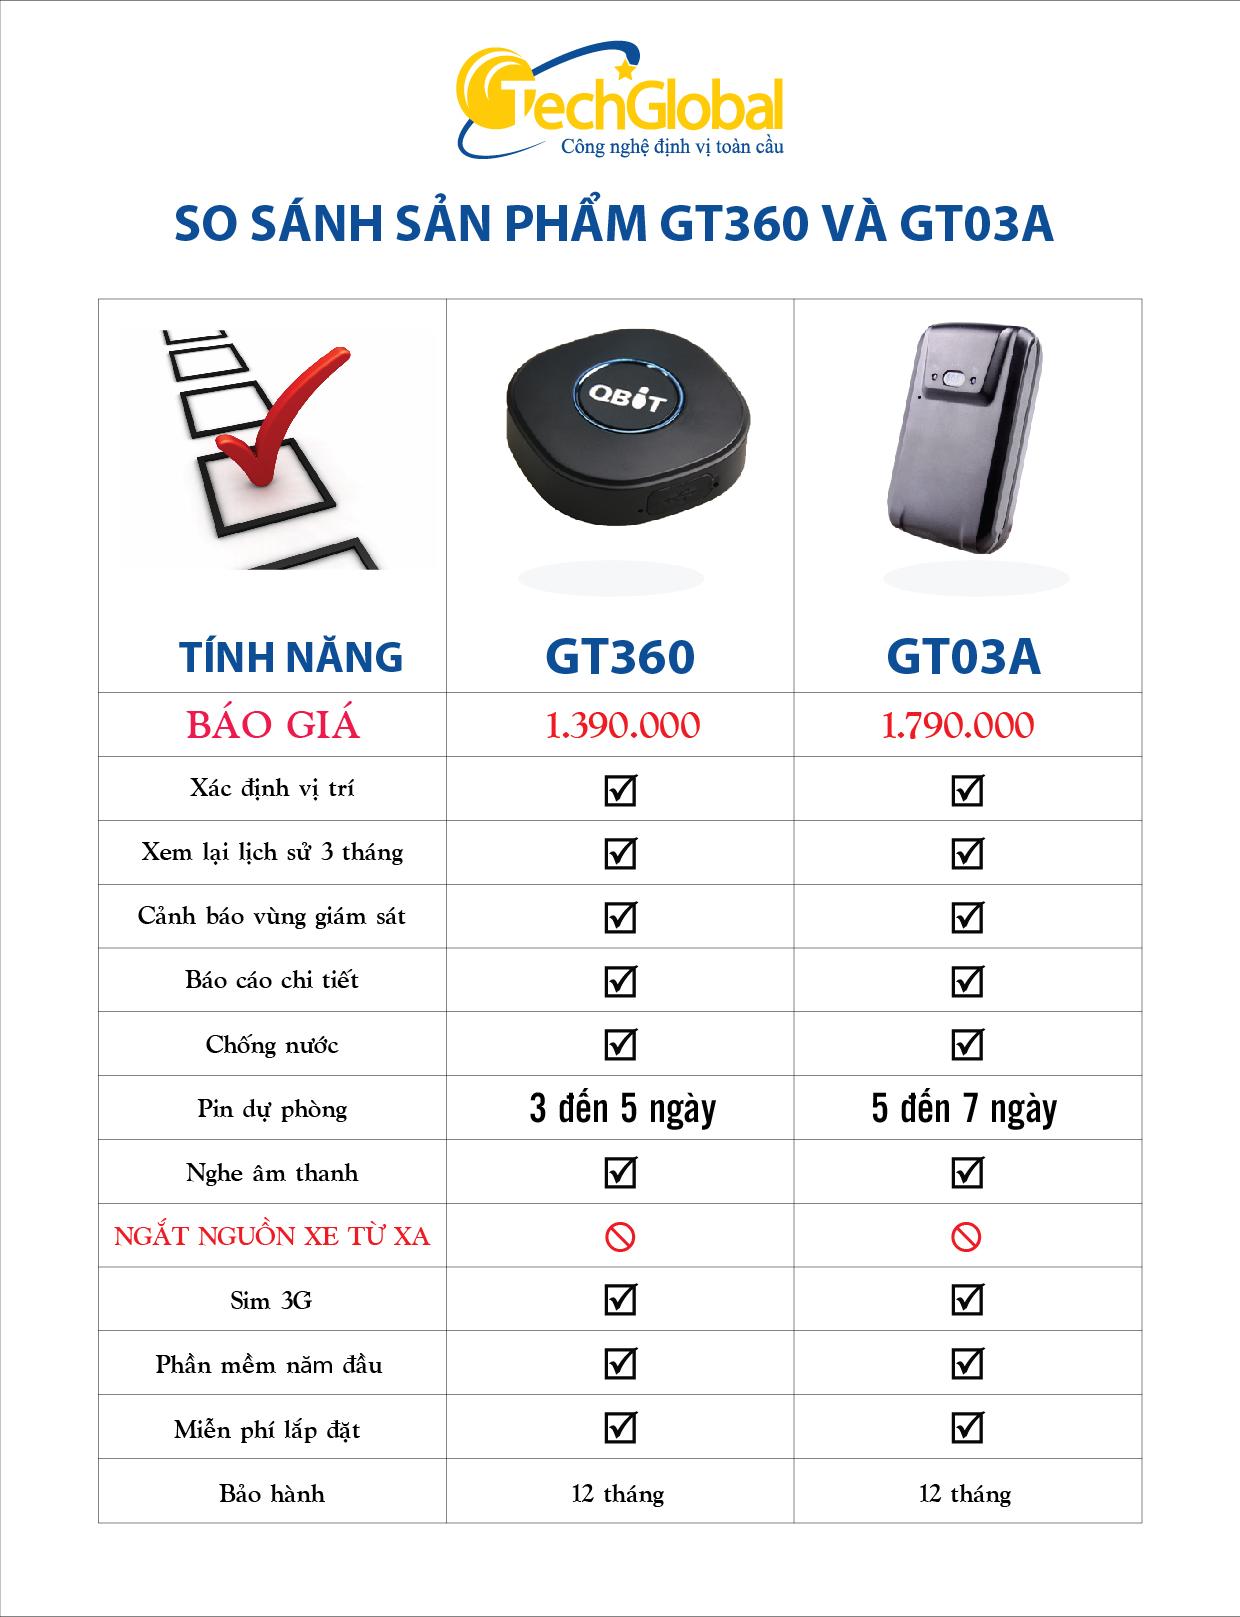 So sánh thiết bị định vị GT360 và thiết bị định vị GT03A